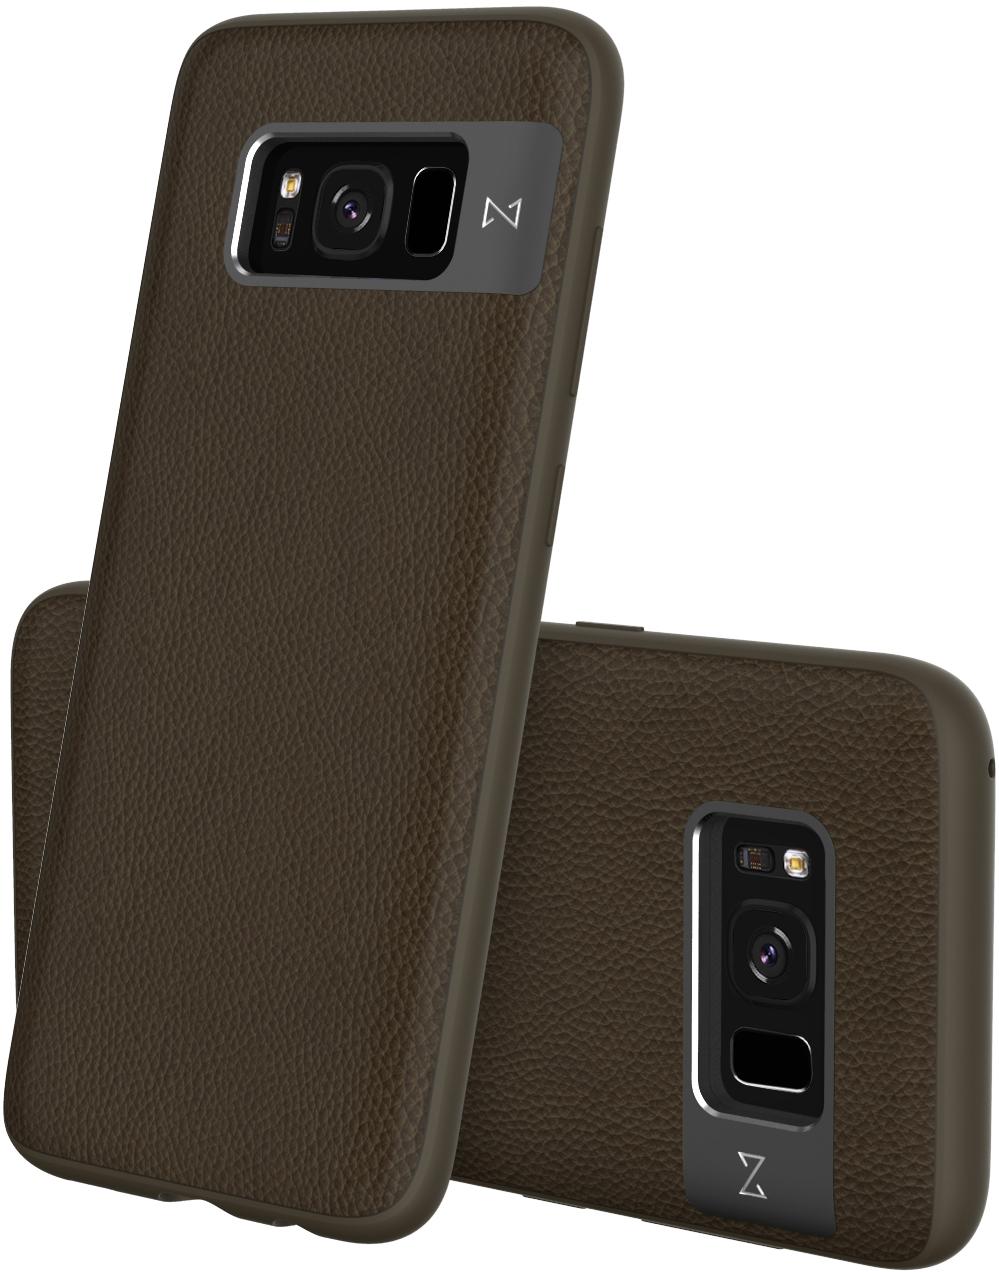 Matchnine Tailor чехол для Samsung Galaxy S8 Plus, Raw UmberENV057Чехол Matchnine Tailor - стильный аксессуар, обеспечивающий надежную защиту Samsung Galaxy S8 Plus от ударов и других воздействий. Его задняя панель изготовлена из жесткого поликарбоната, стилизованного под кожу, а бампер - из эластичного полиуретана. Кроме того, он украшен металлической накладкой, обрамляющей камеру.Мягкая рамка позволяет быстро надевать клип-кейс. Она слегка выступает над экраном, защищая его от контактов с твердыми поверхностями.Несмотря на отличные защитные свойства, чехол практически не увеличивает размеры устройства. С ним мобильный девайс можно носить в кармане или в специальном отделении сумки. Вырезы в клип-кейсе предоставляют доступ к важнейшим деталям смартфона, включая камеры, кнопки и разъемы.